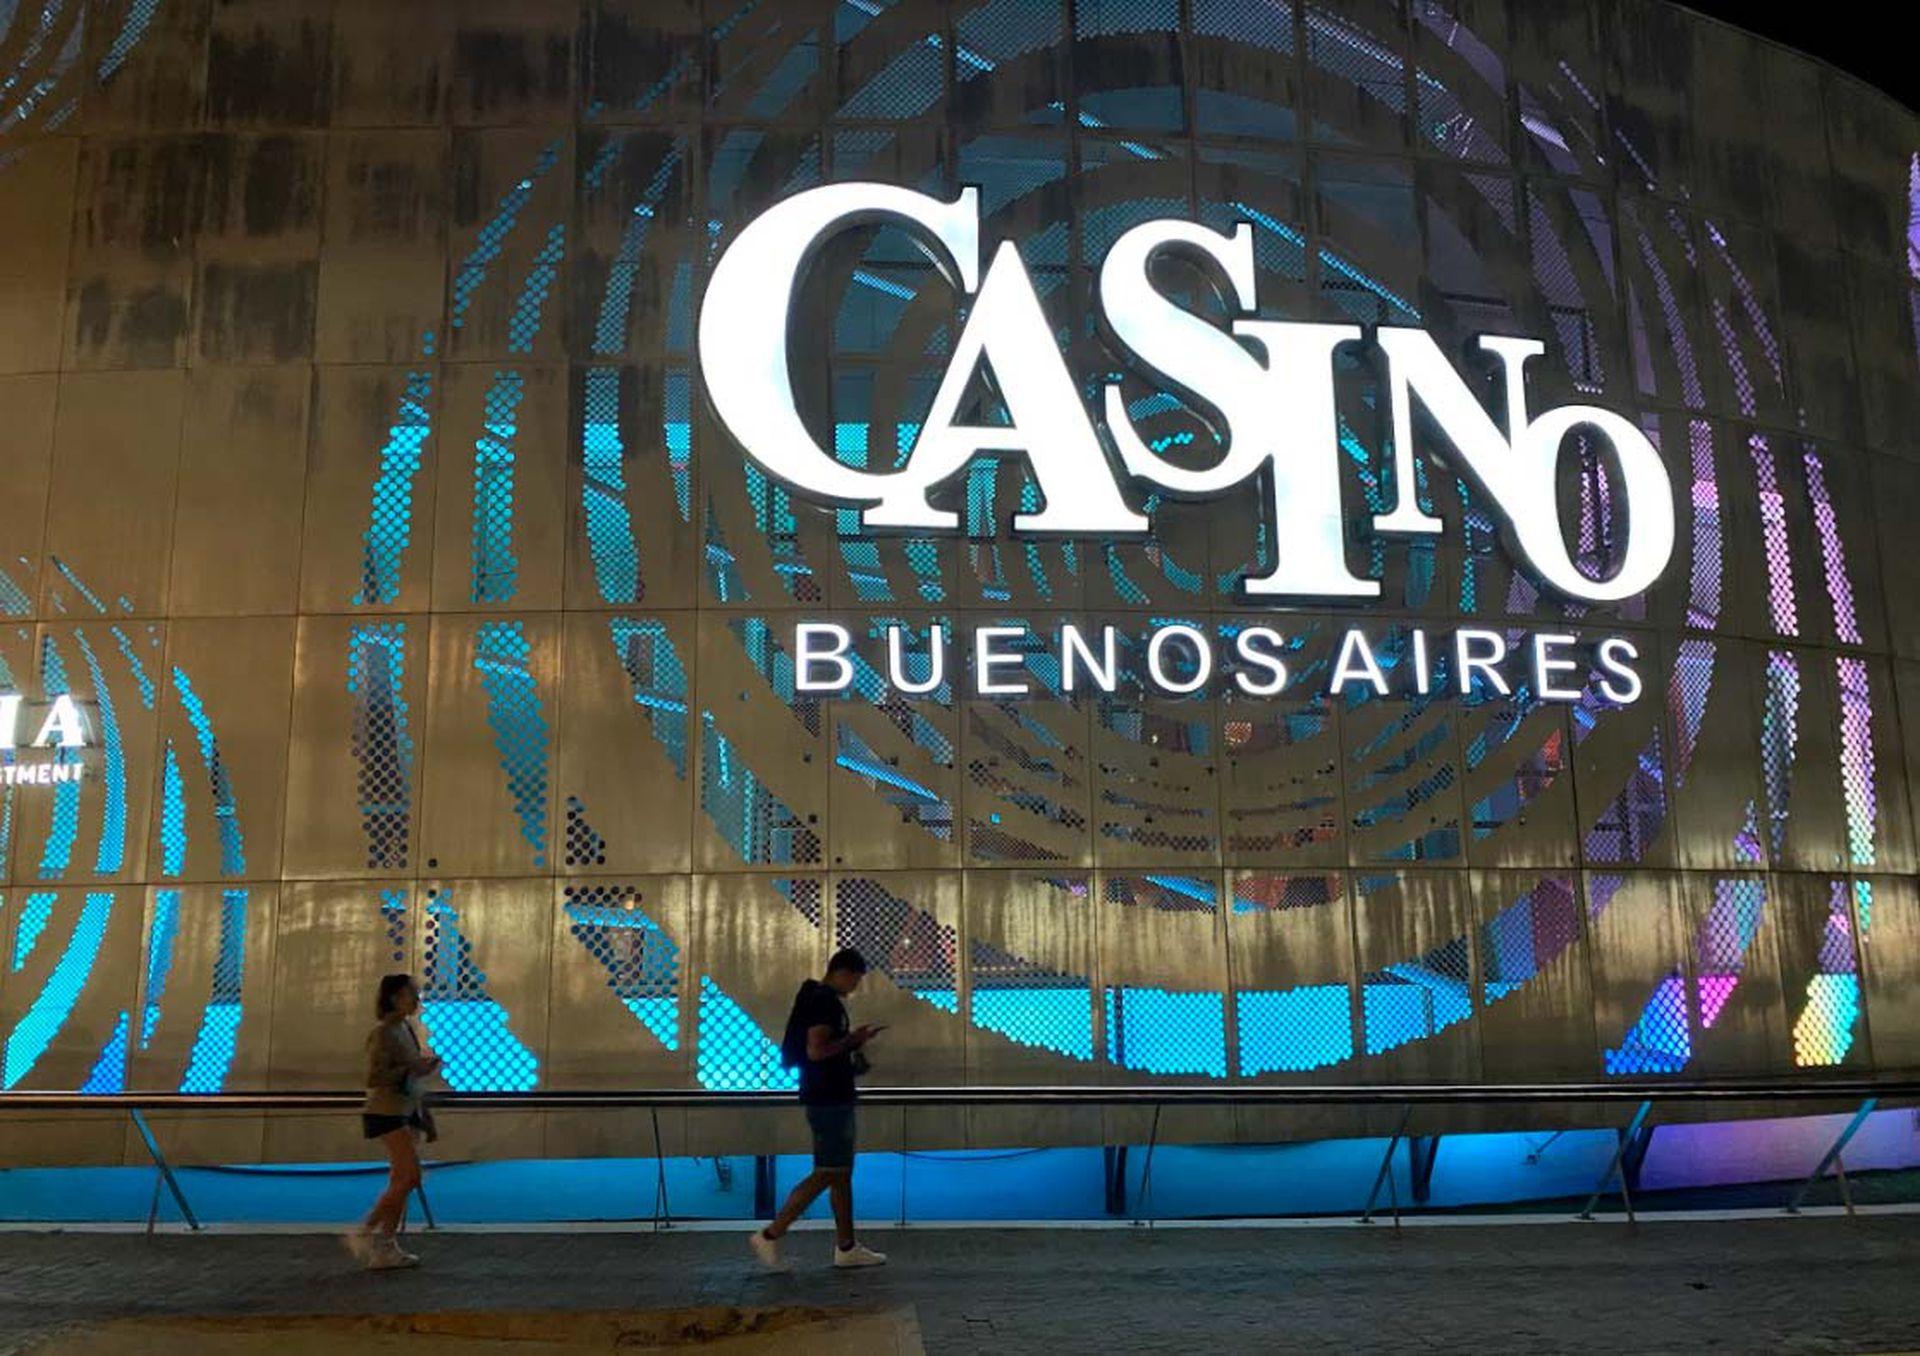 El ingreso al Casino Flotante de Buenos Aires, en pandemia